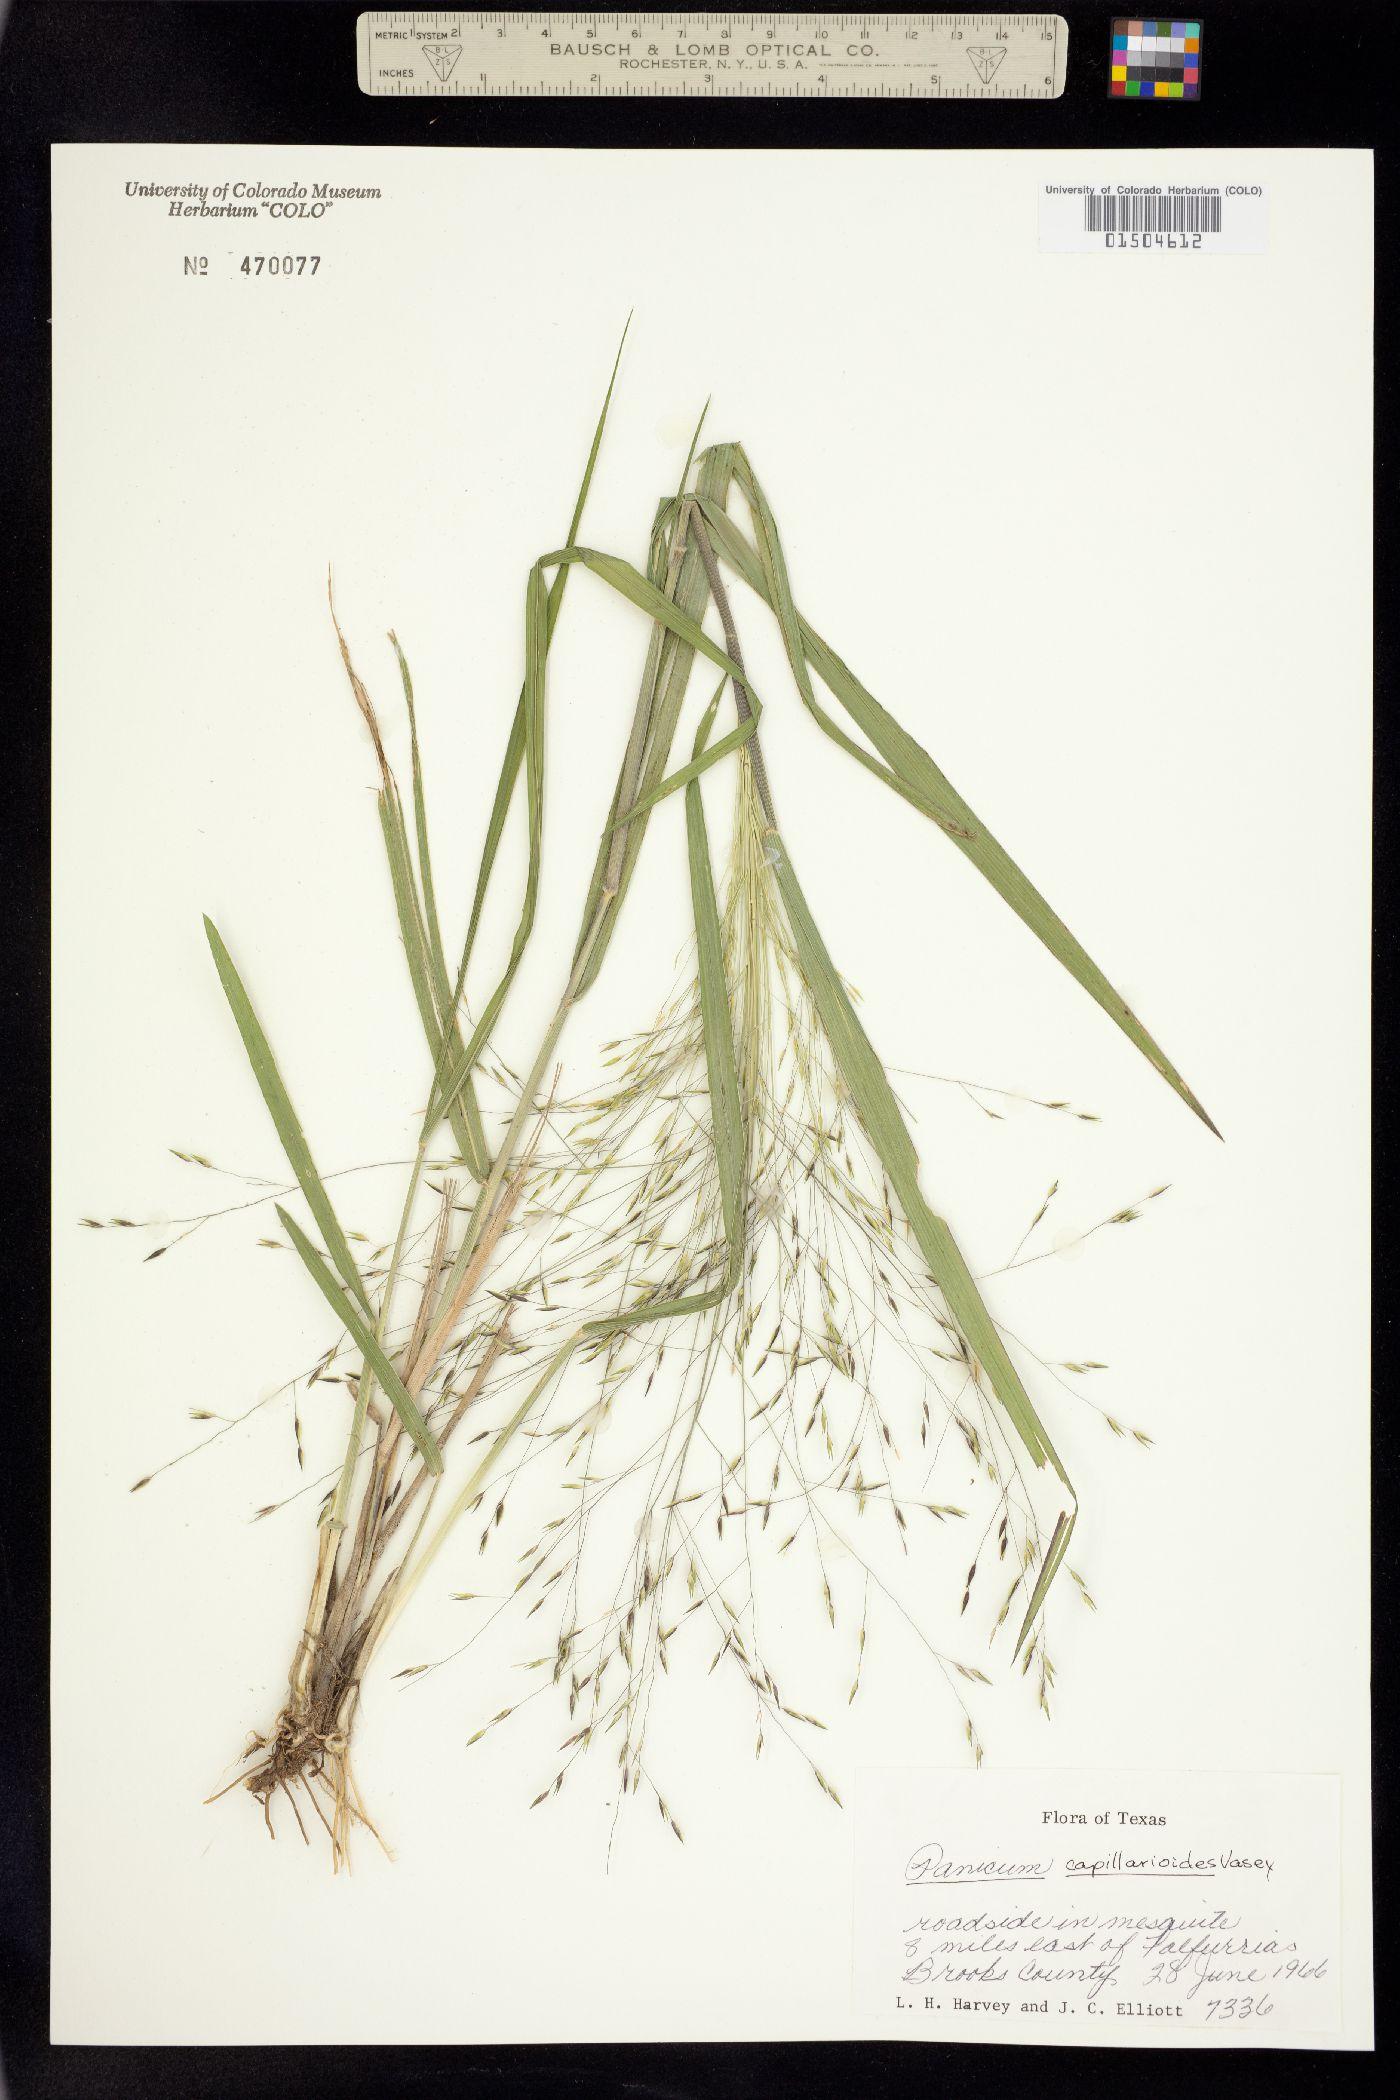 Panicum capillarioides image